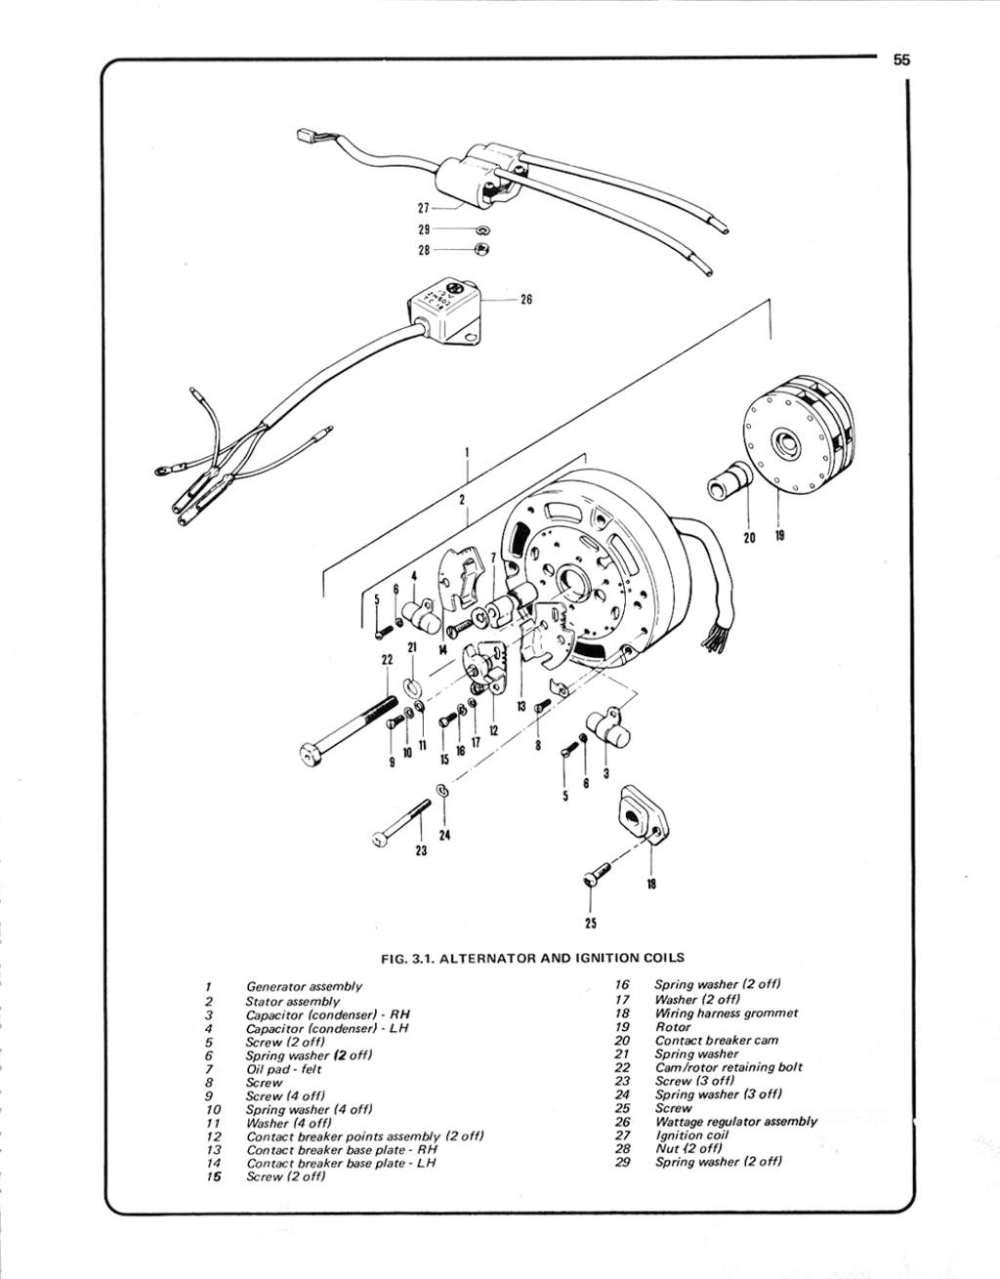 medium resolution of suzuki gt500 wiring diagram wiring library suzuki gt500 wiring diagram